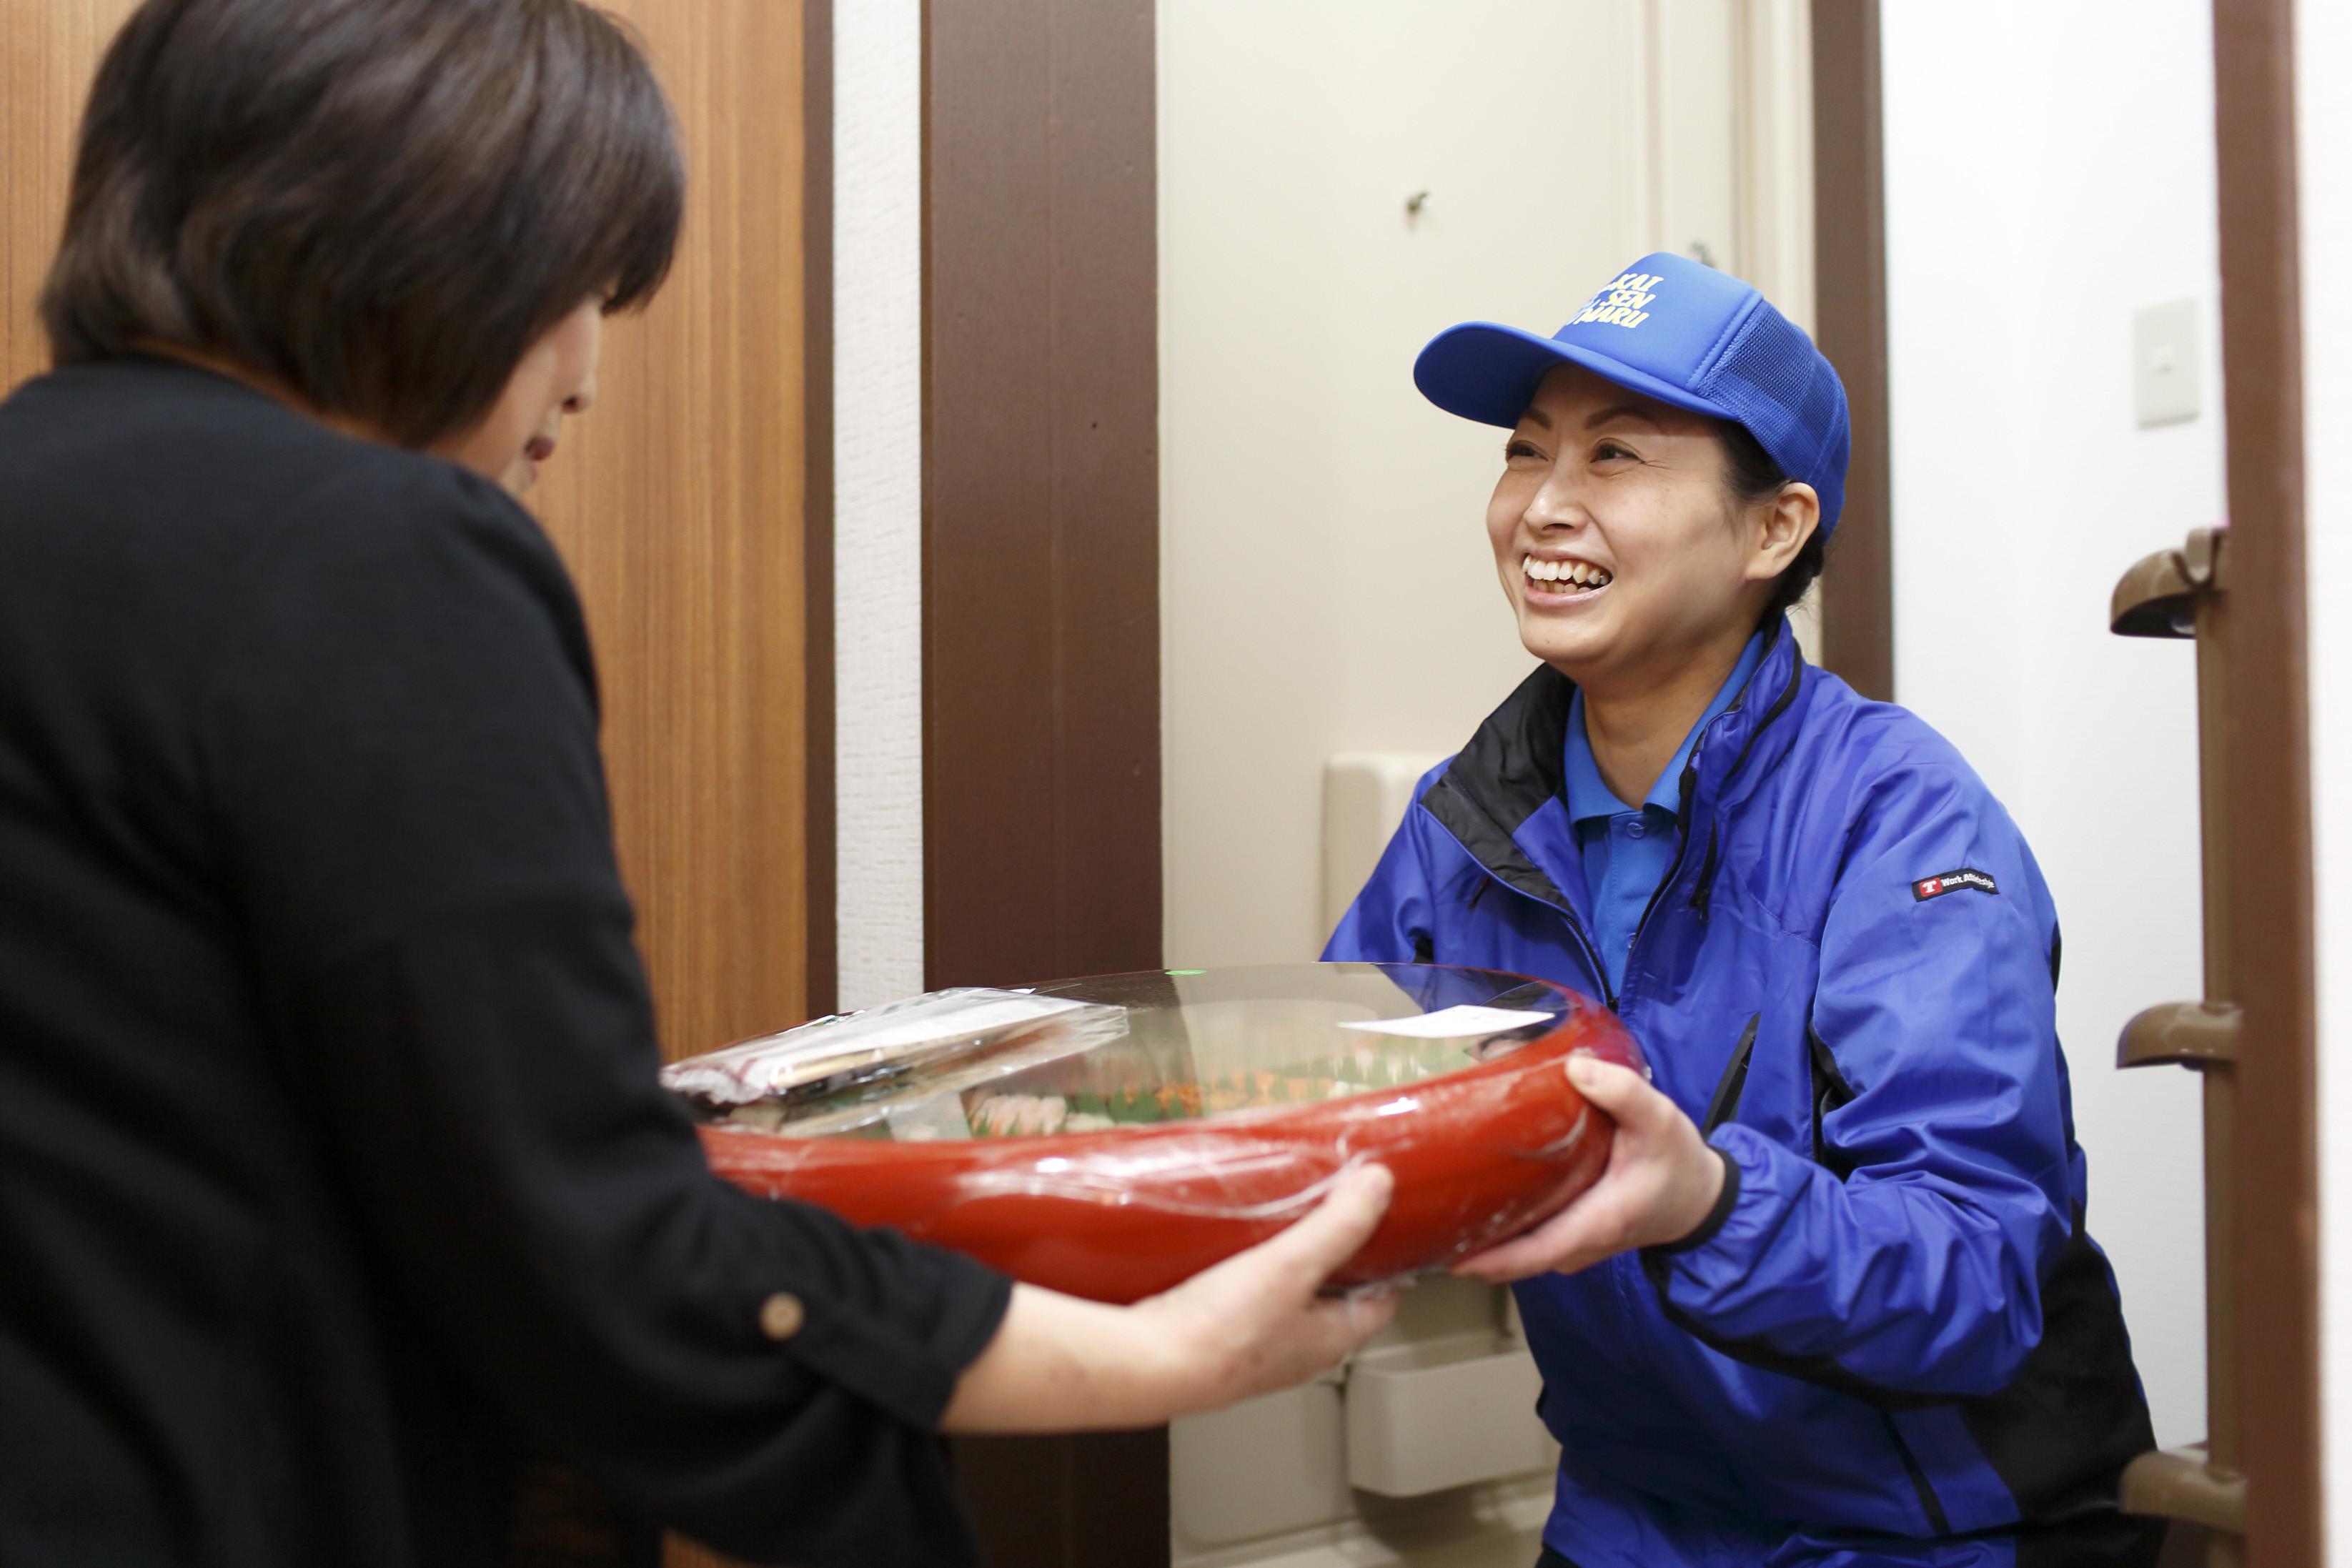 札幌海鮮丸 滝川店 デリバリー(配達)スタッフのアルバイト情報